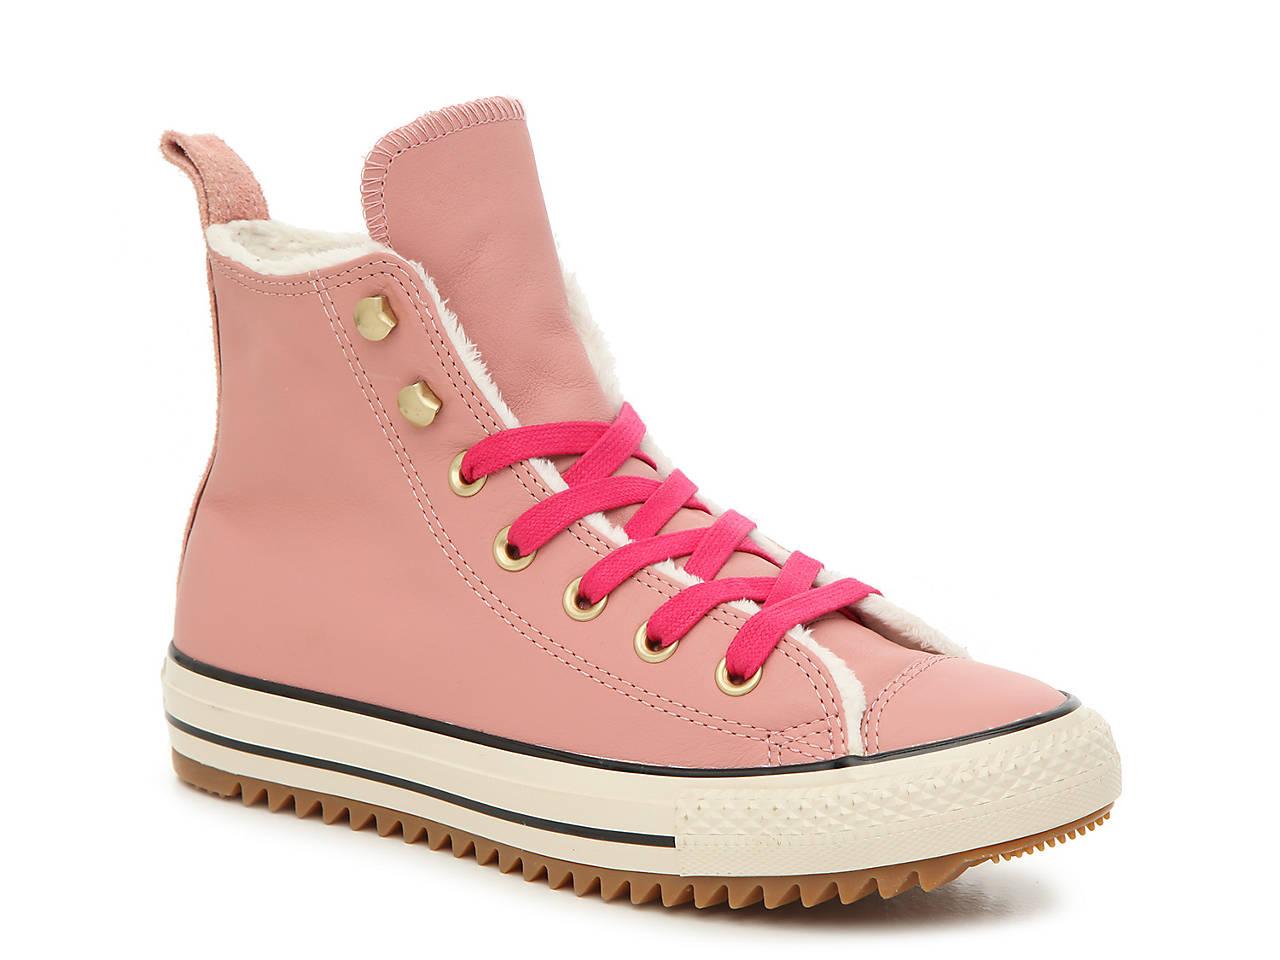 ff5be94d3cbe Converse Chuck Taylor All Star High-Top Sneaker - Women s Men s ...